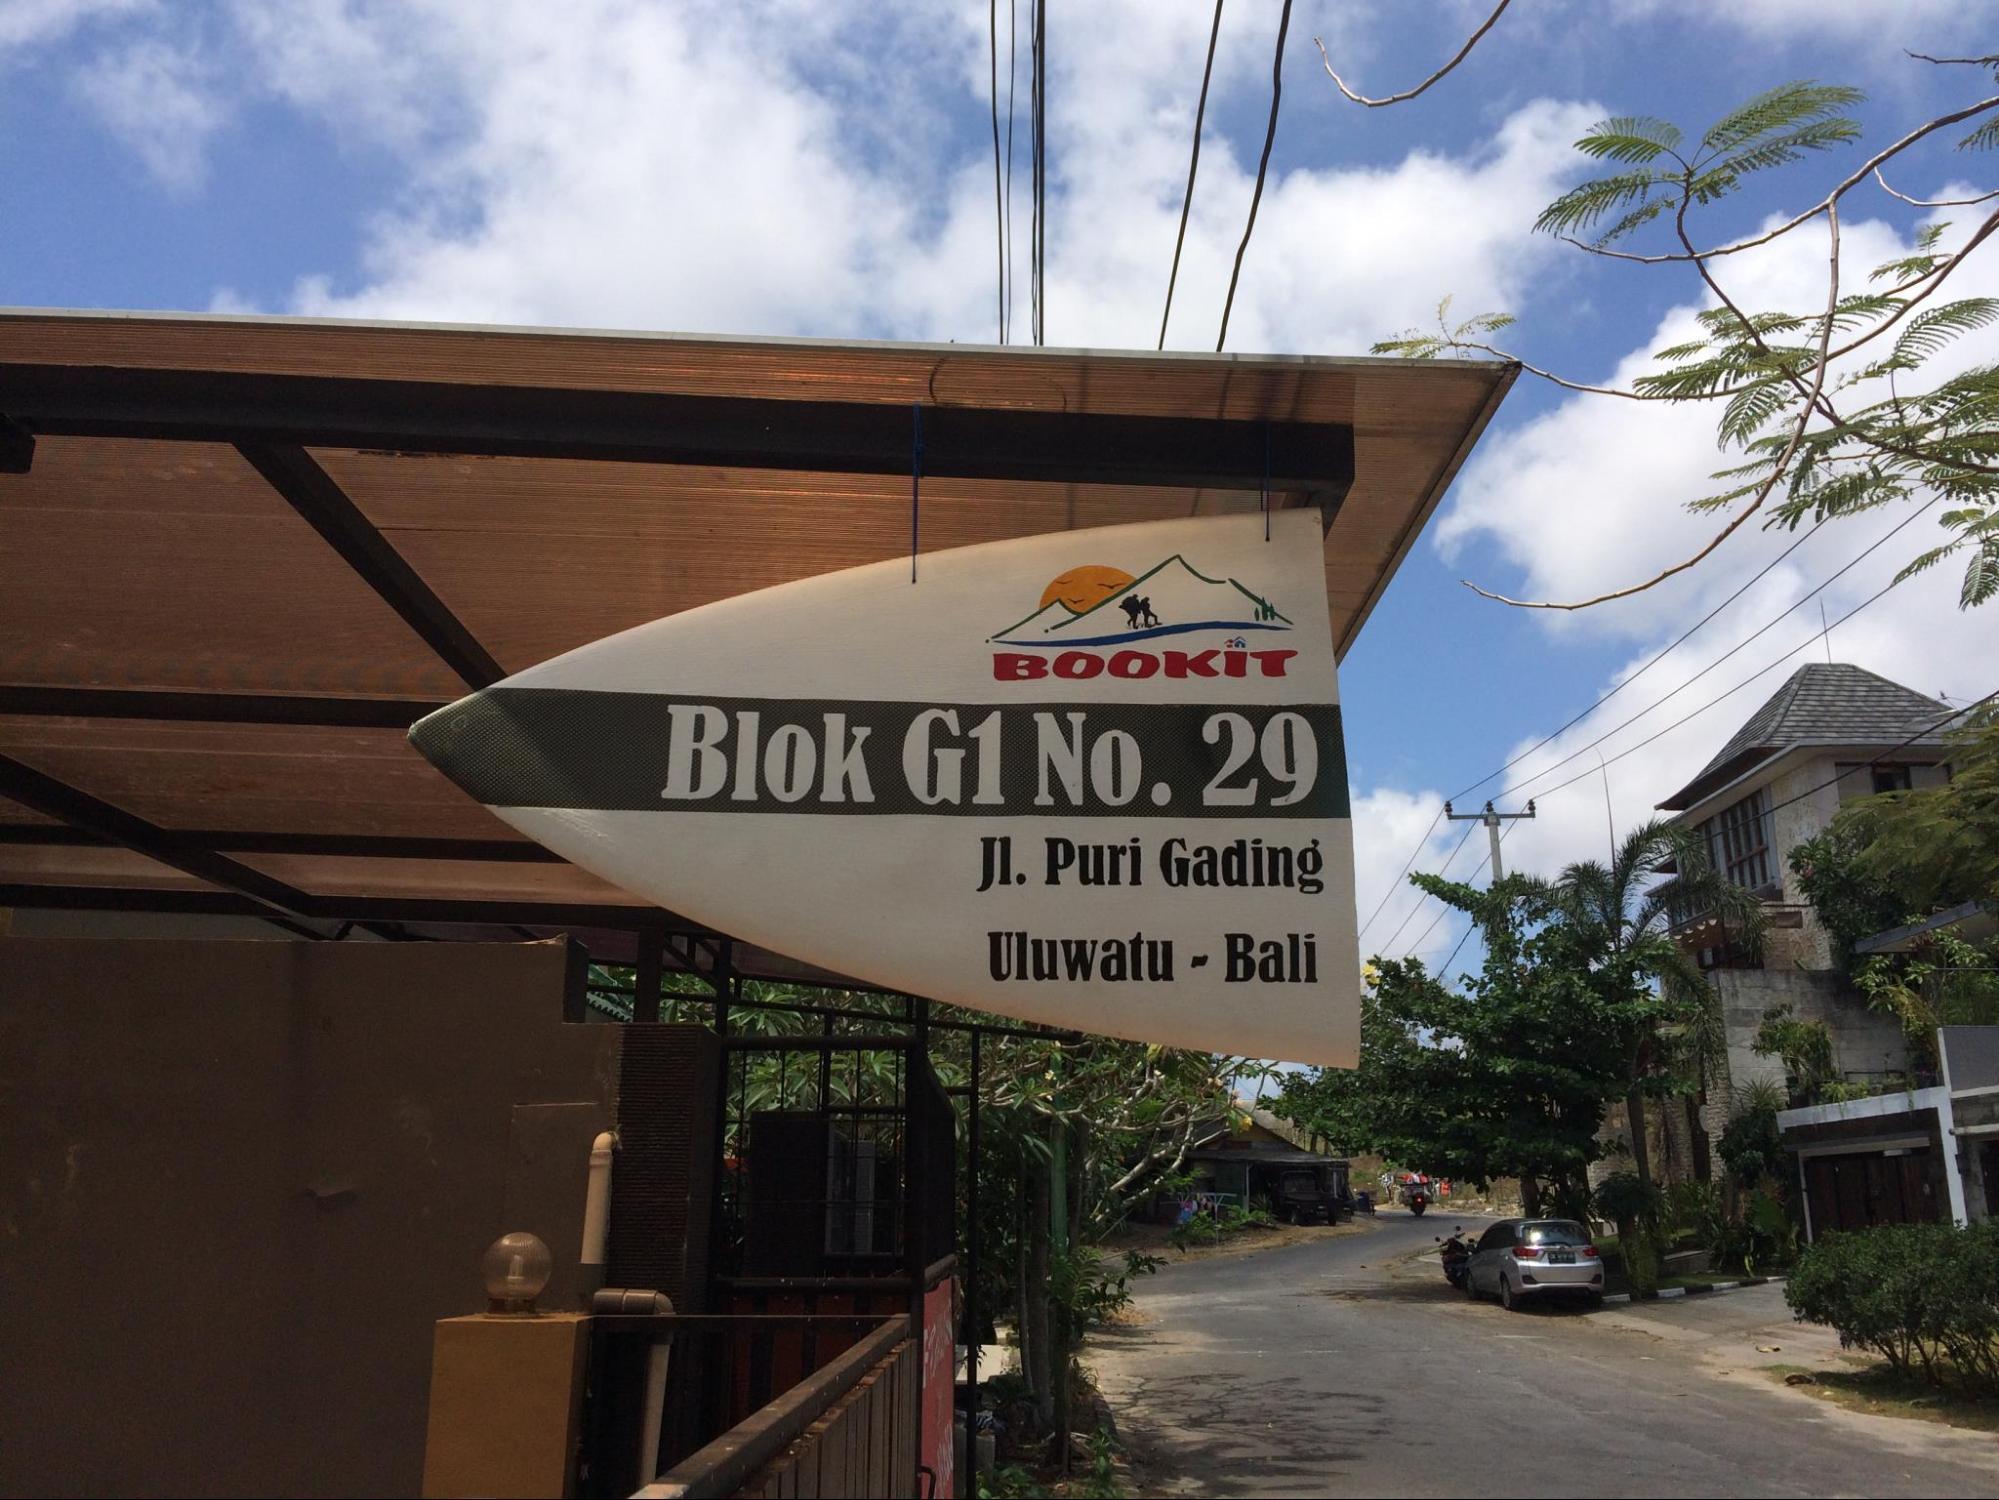 Top khách sạn giá rẻ ở BALI